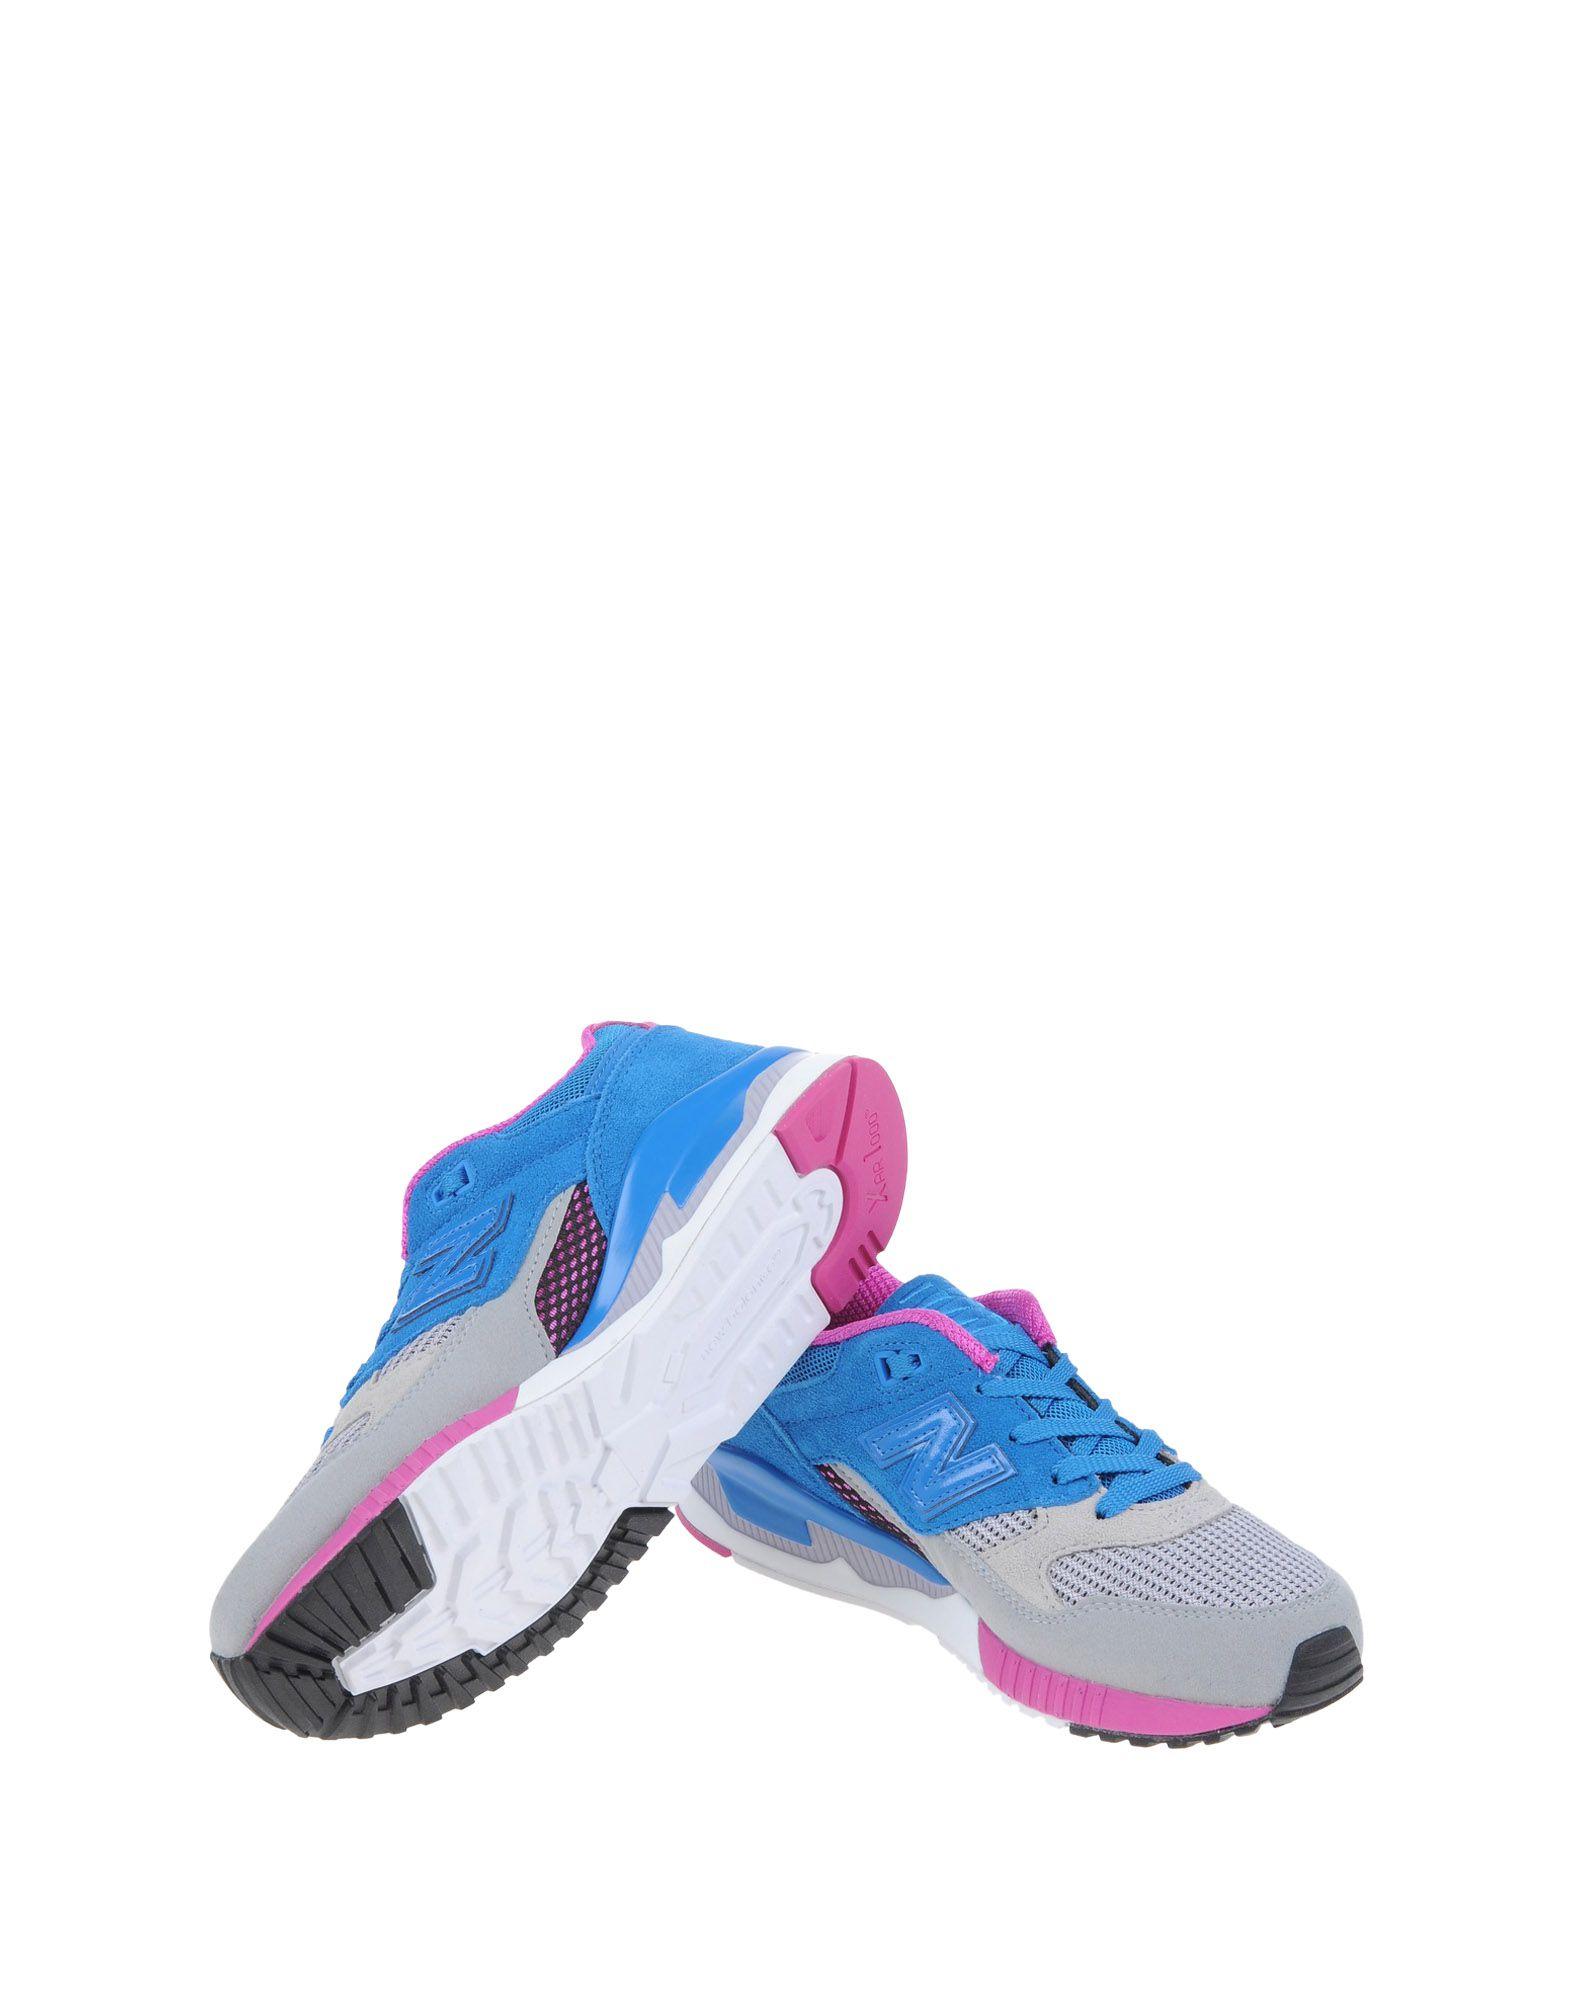 New 44989958QR Balance 530 Robotech  44989958QR New Gute Qualität beliebte Schuhe ebd83e